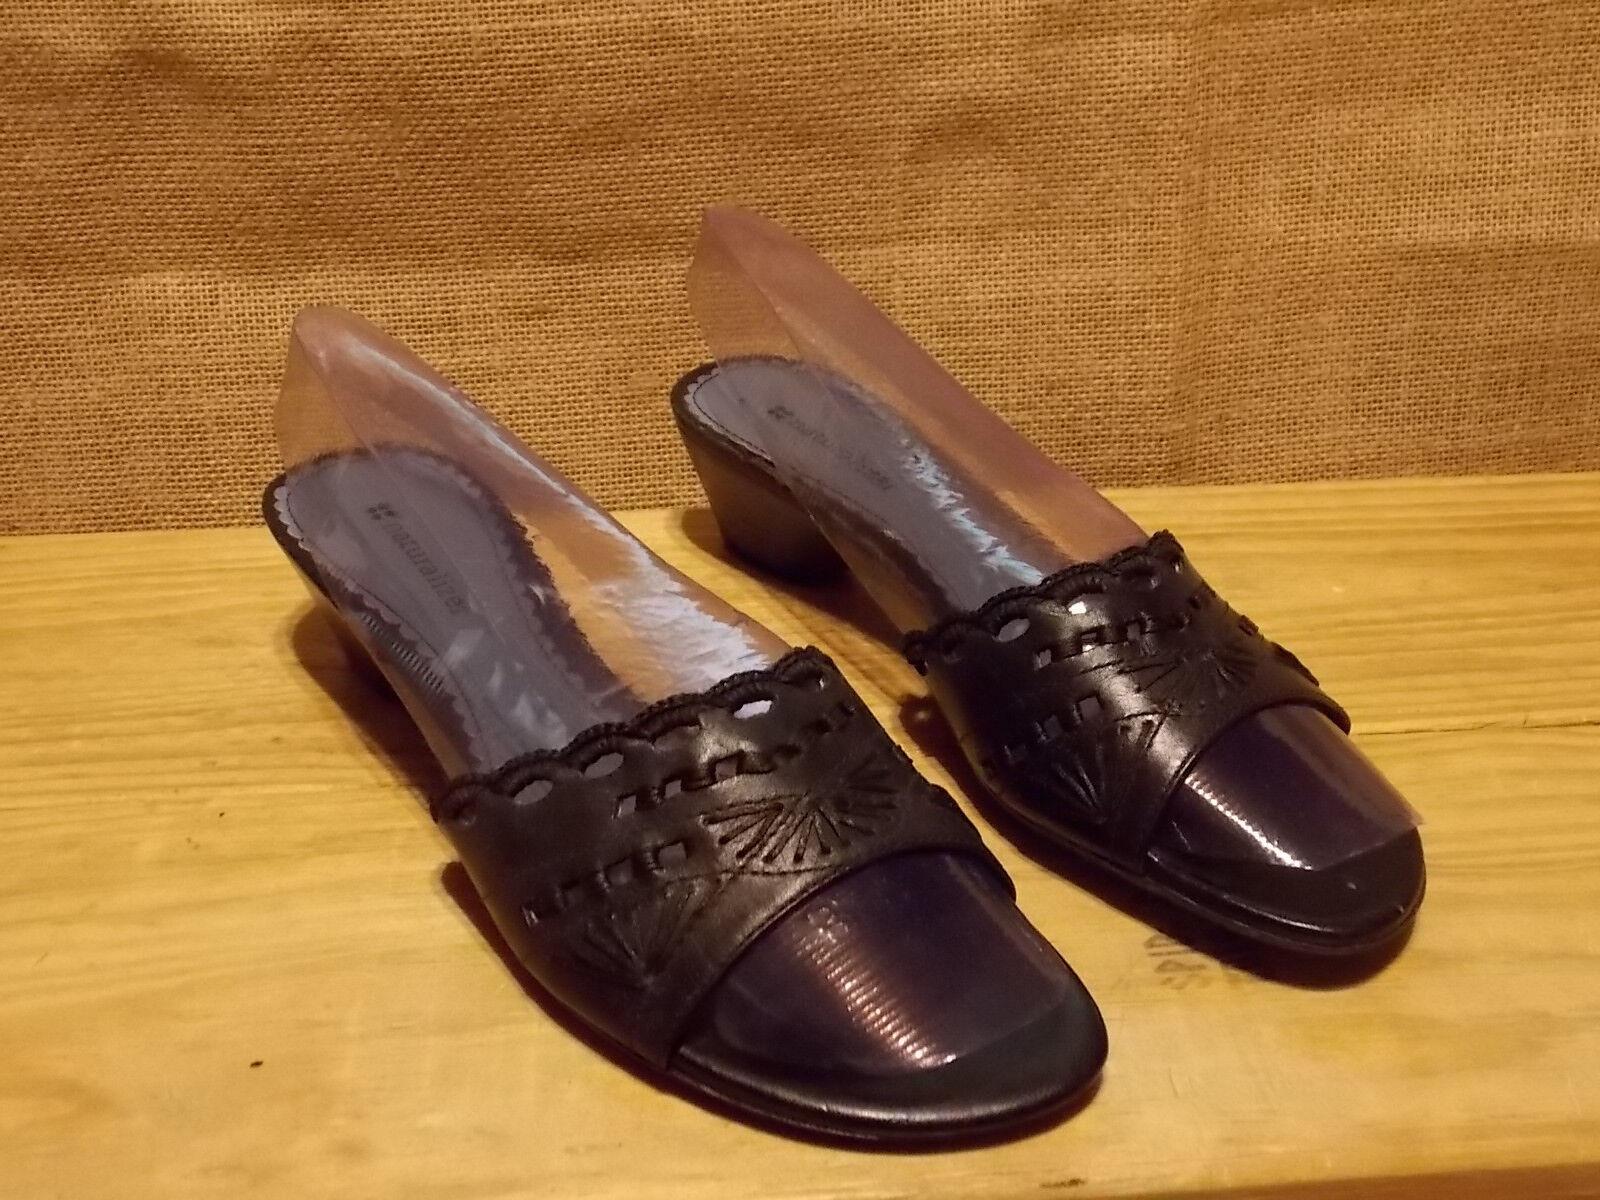 Naturalizer Black Melinda Black Naturalizer Sandals Leather Slip On Low Heel Shoes Size 8 1/2 M 242360